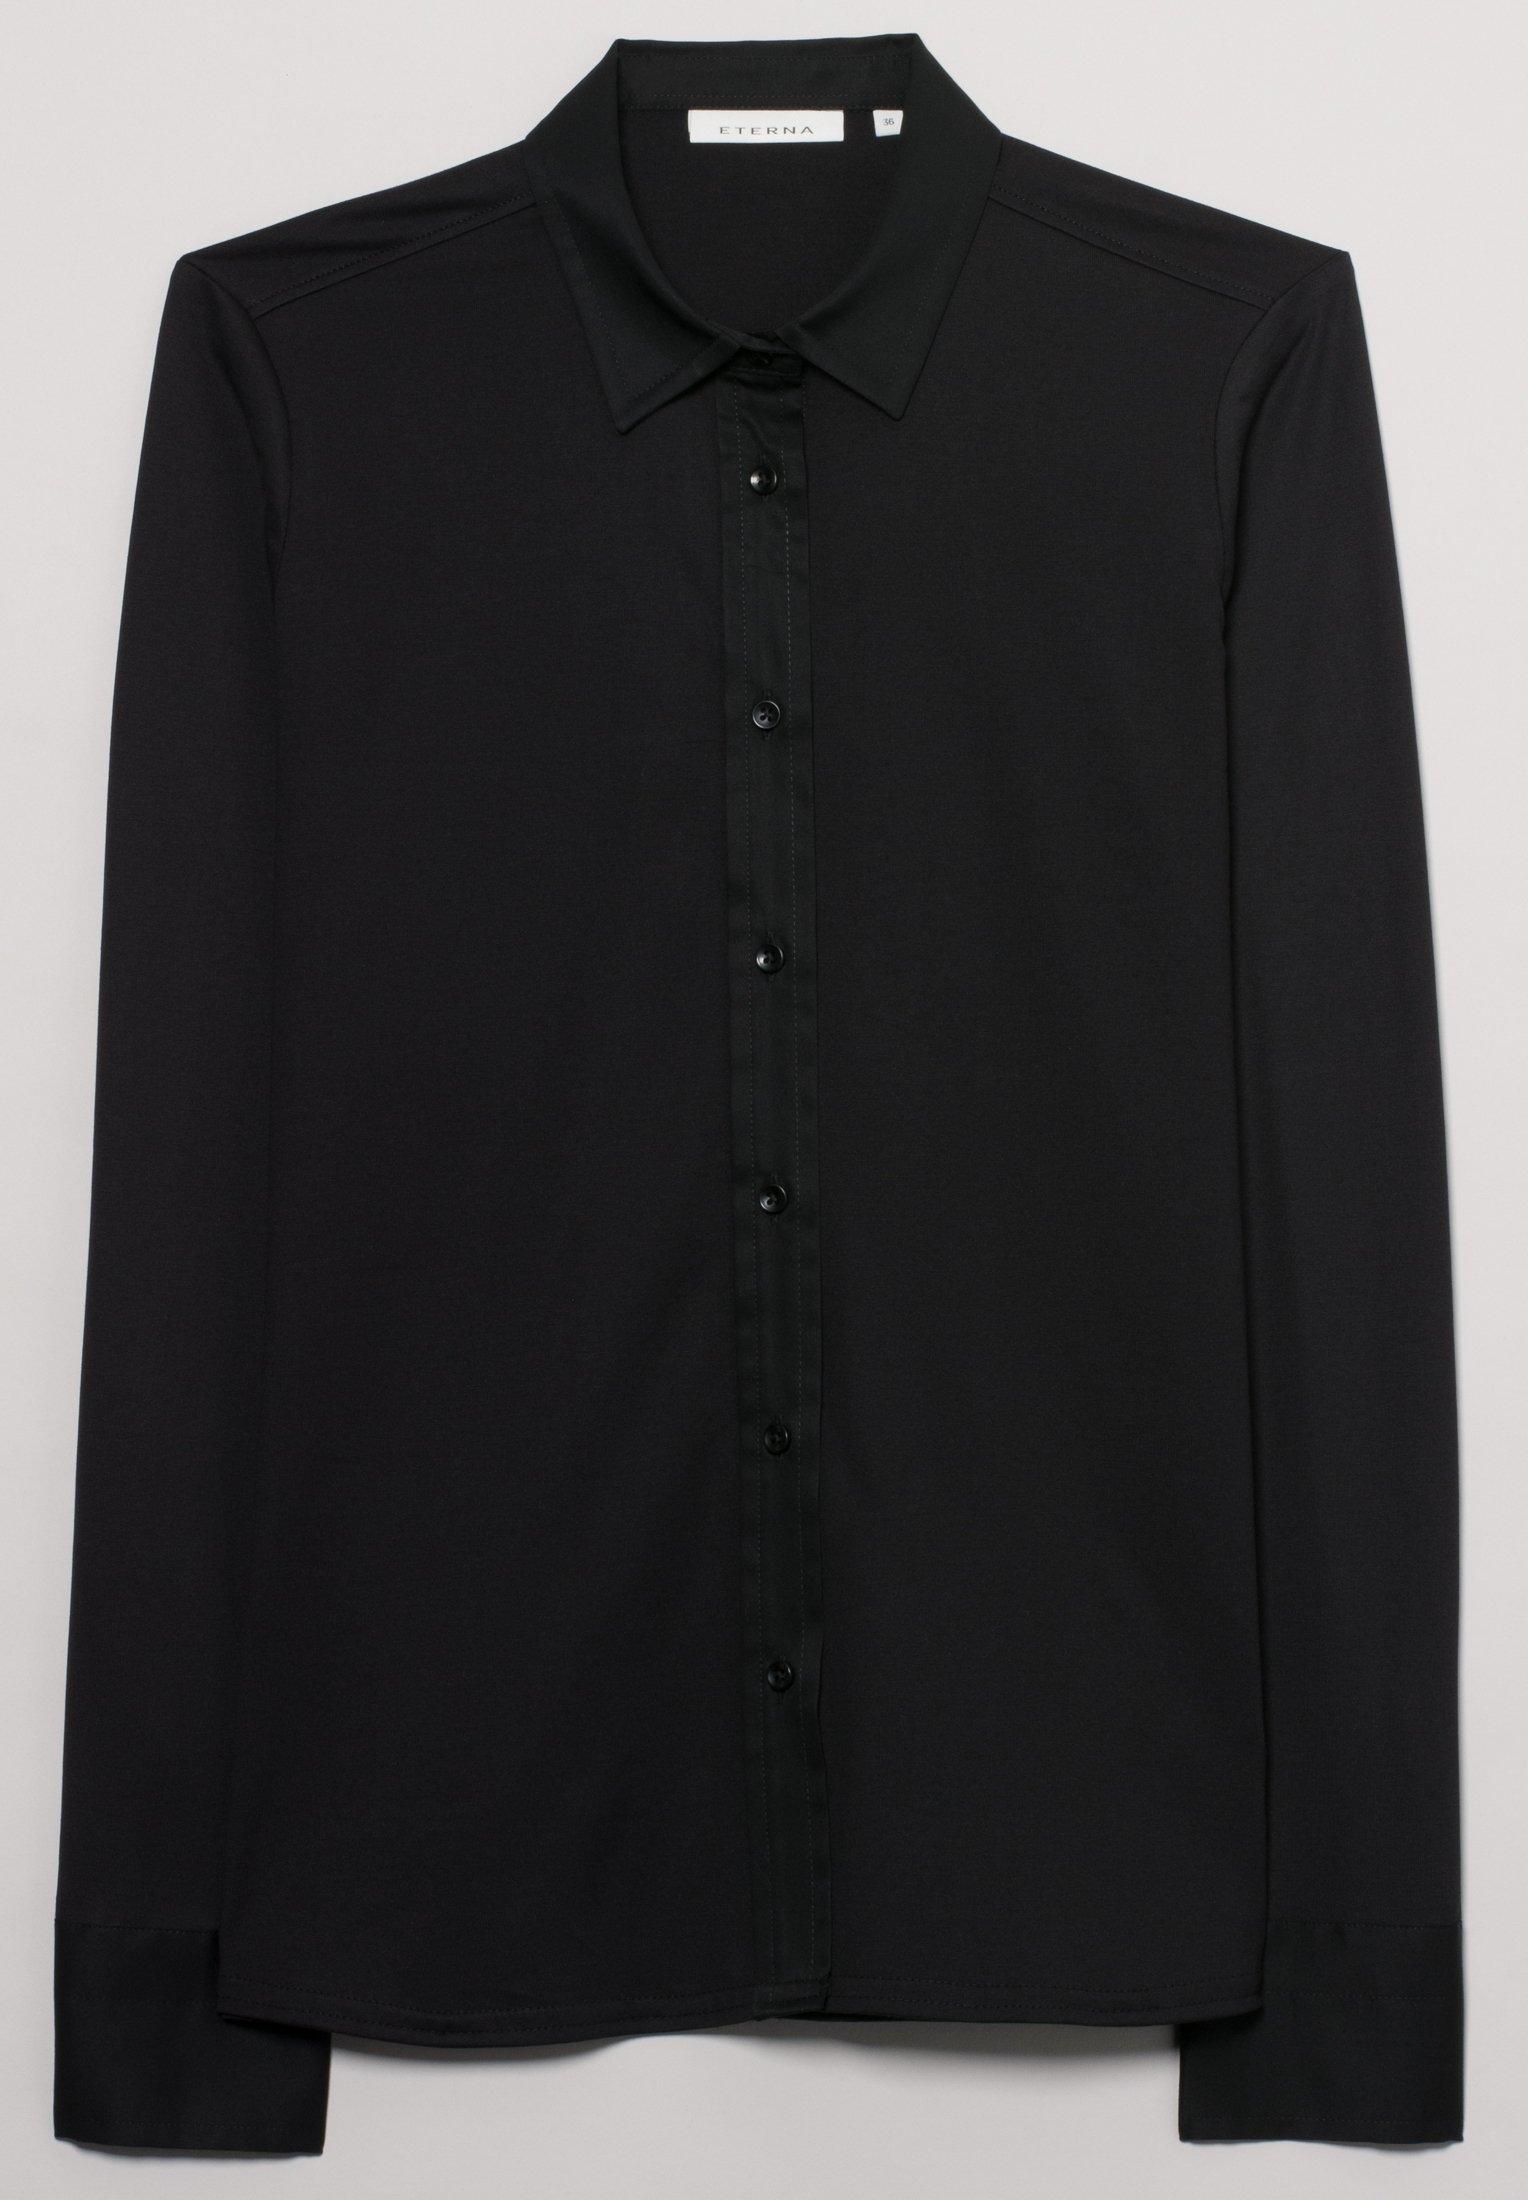 Eterna overhemdblouse »MODERN CLASSIC« voordelig en veilig online kopen